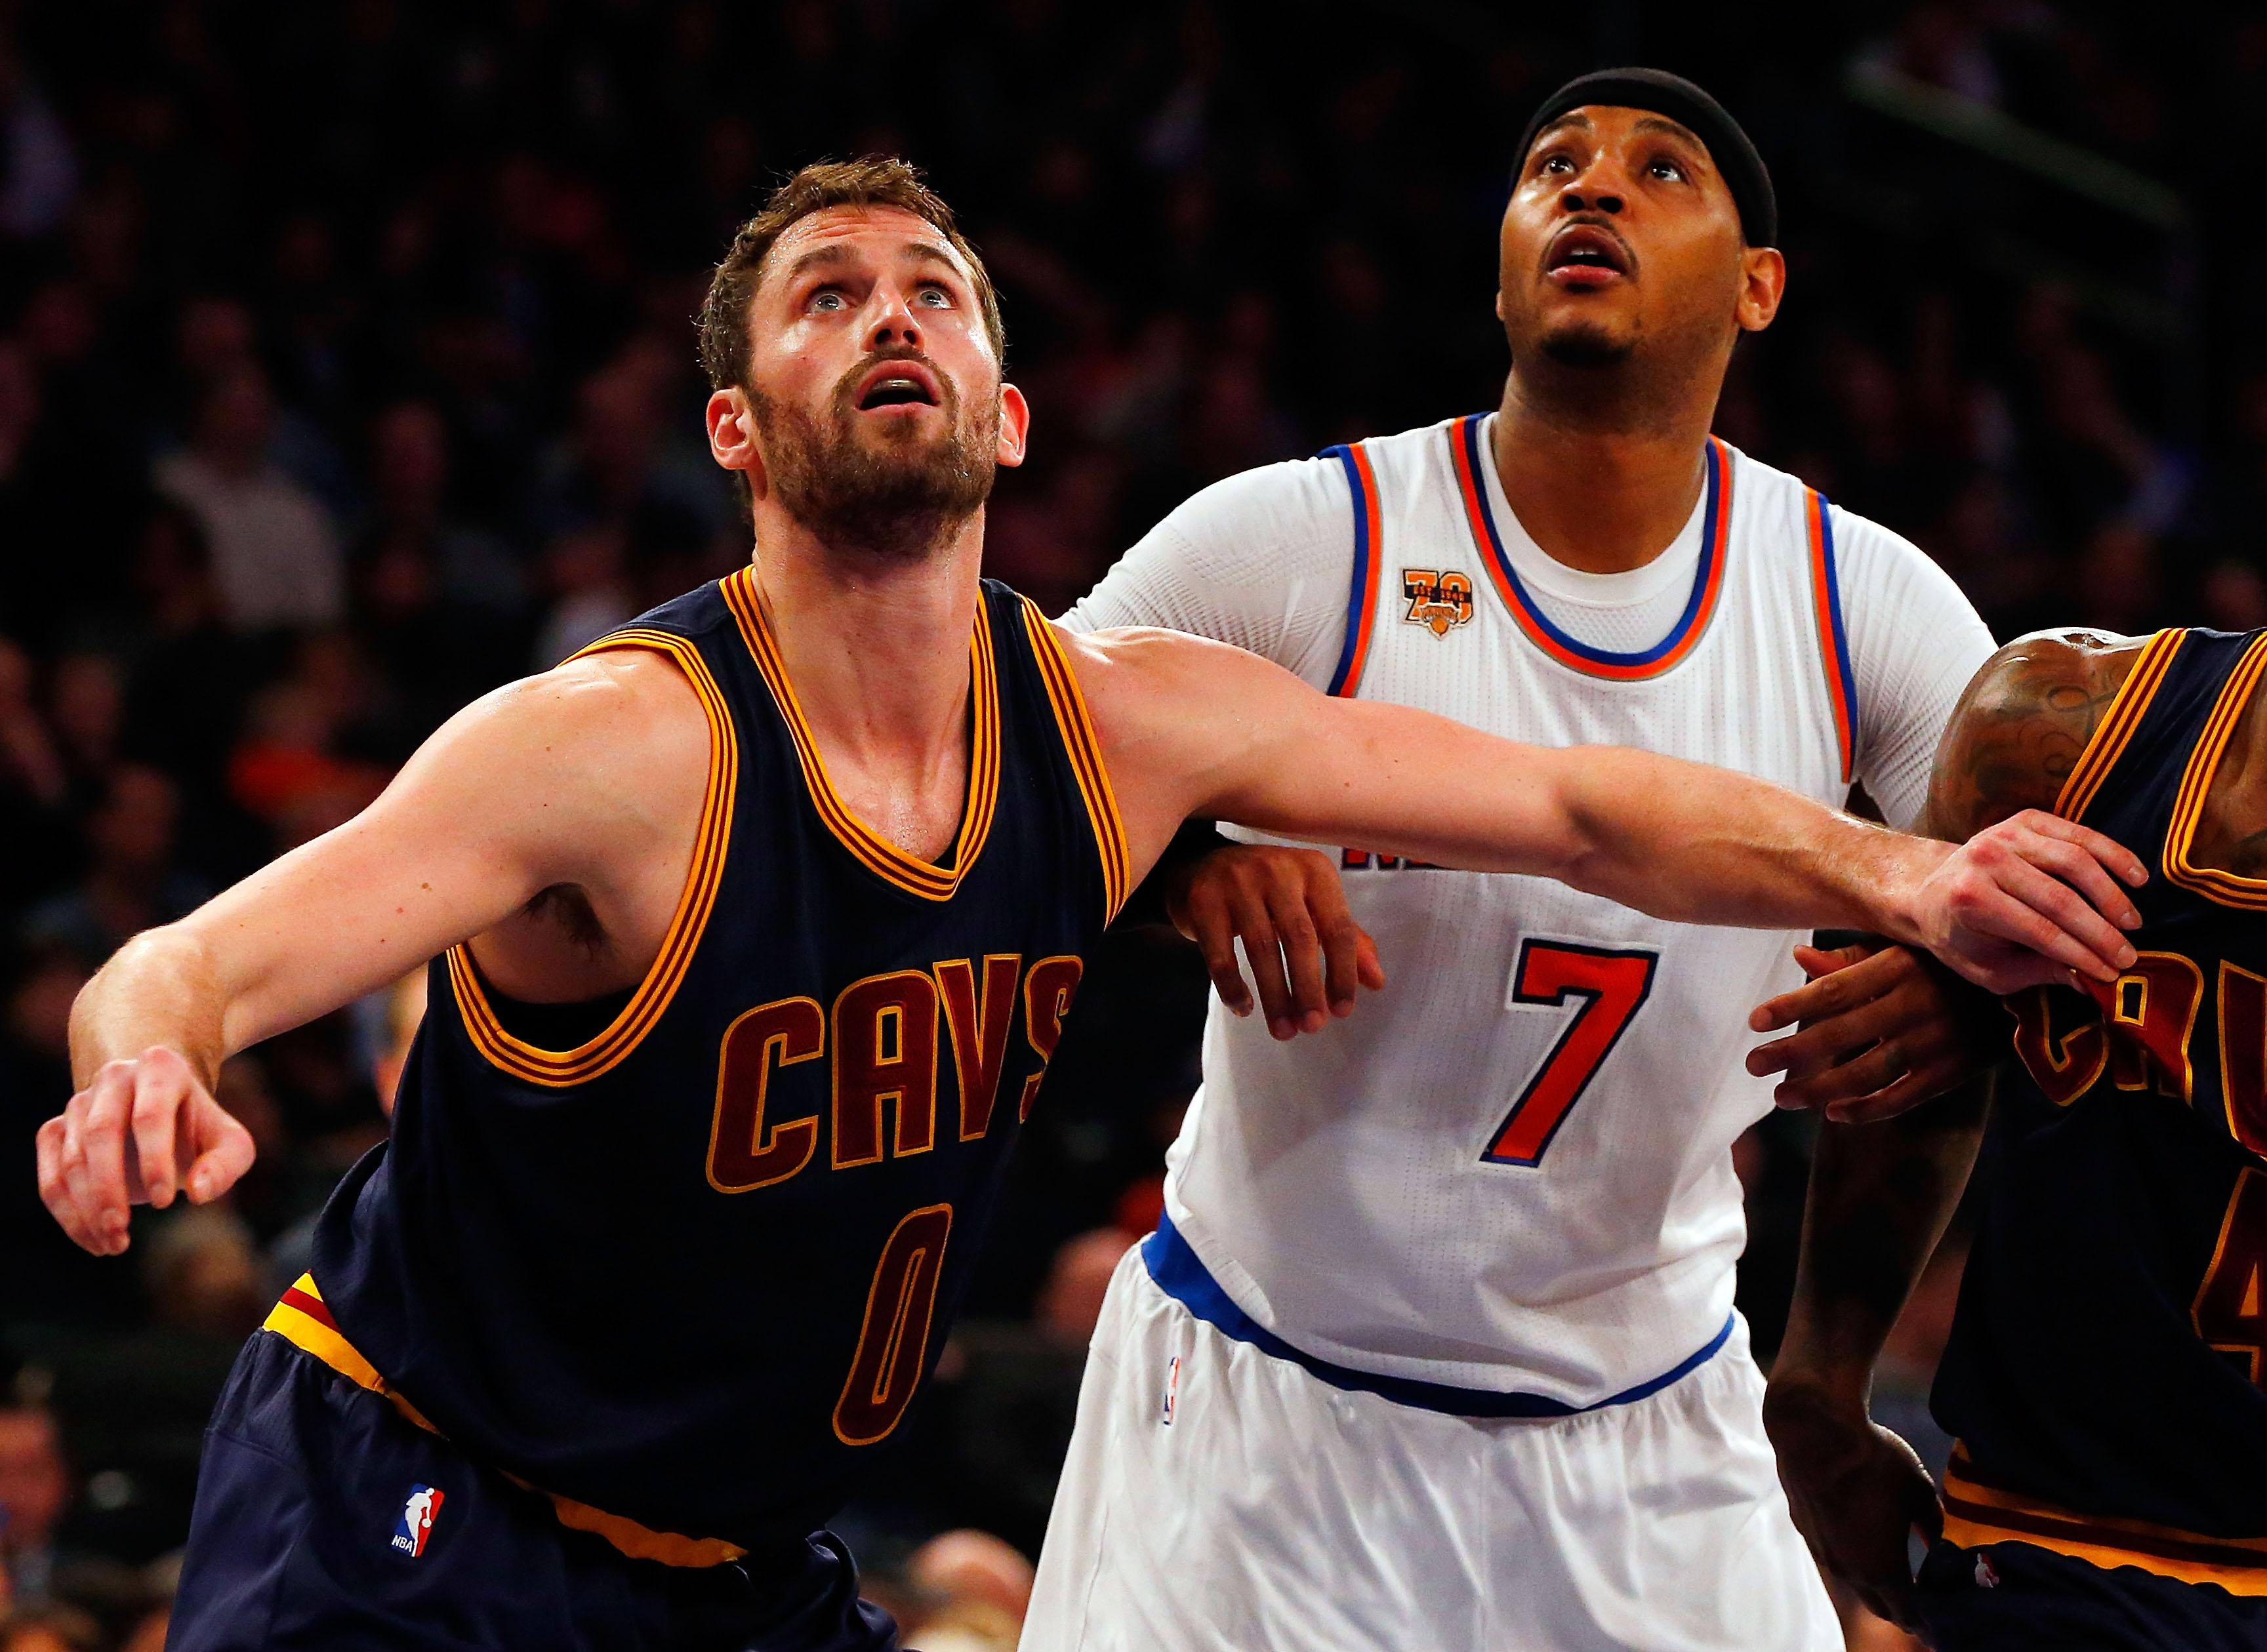 Carmelo Anthony trade talks between Knicks, Rockets are 'dormant'